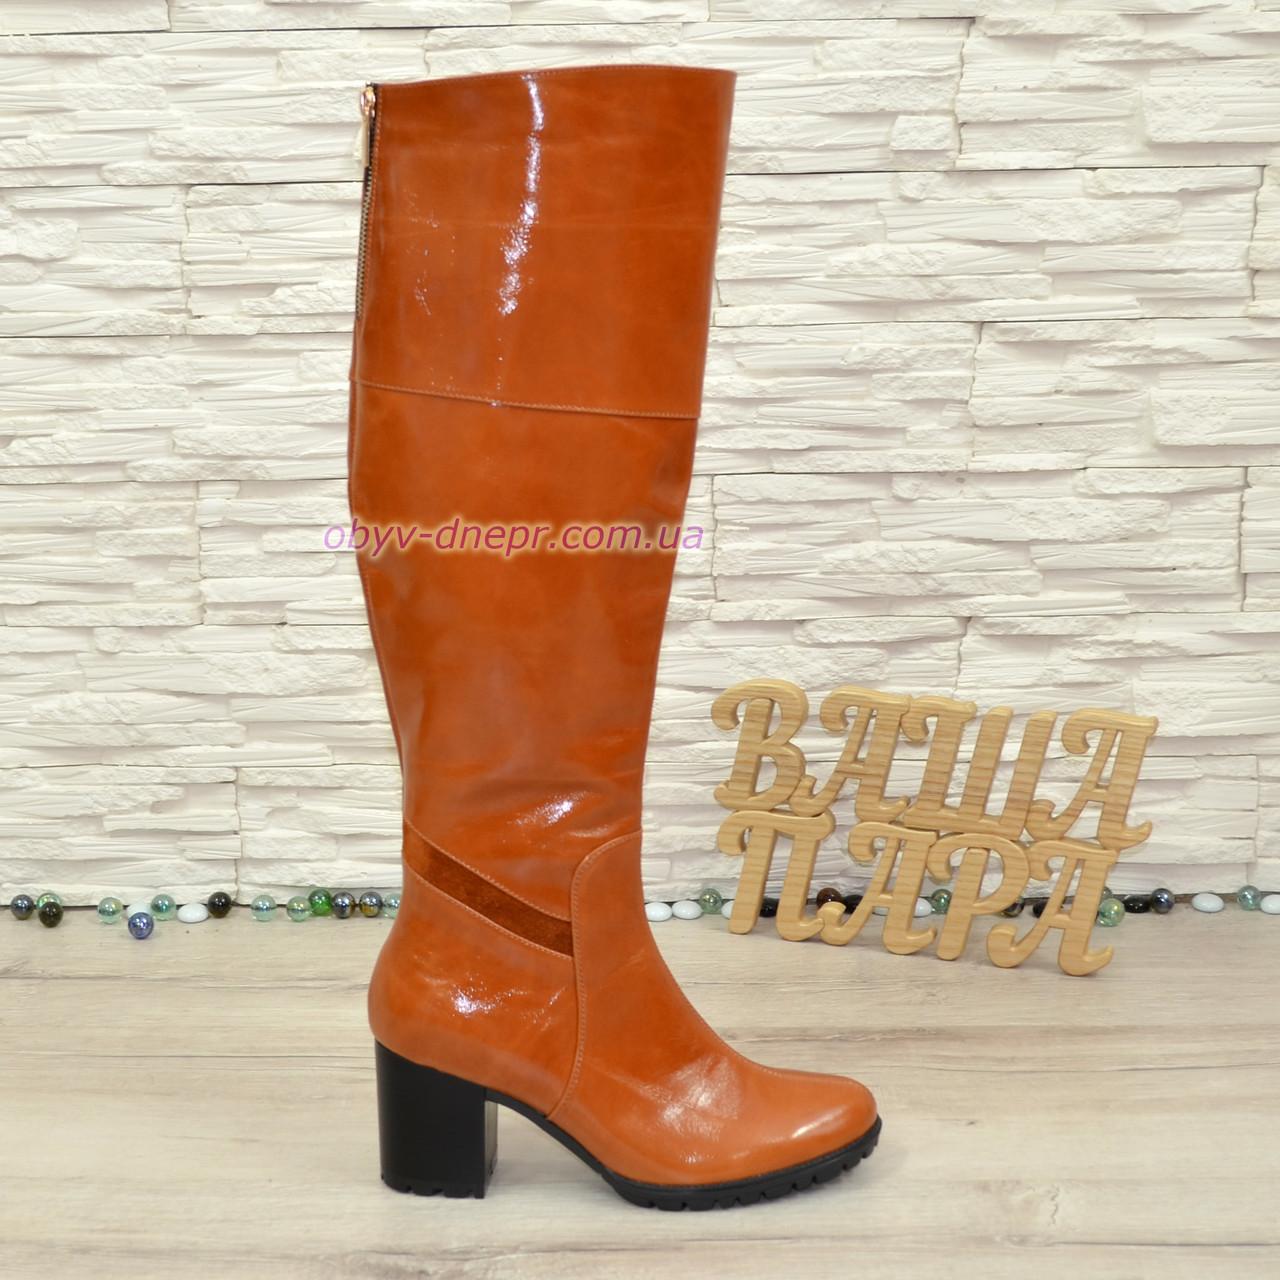 Ботфорты рыжие кожаные зимние на устойчивом каблуке, декорированы замшевой вставкой. 38 размер